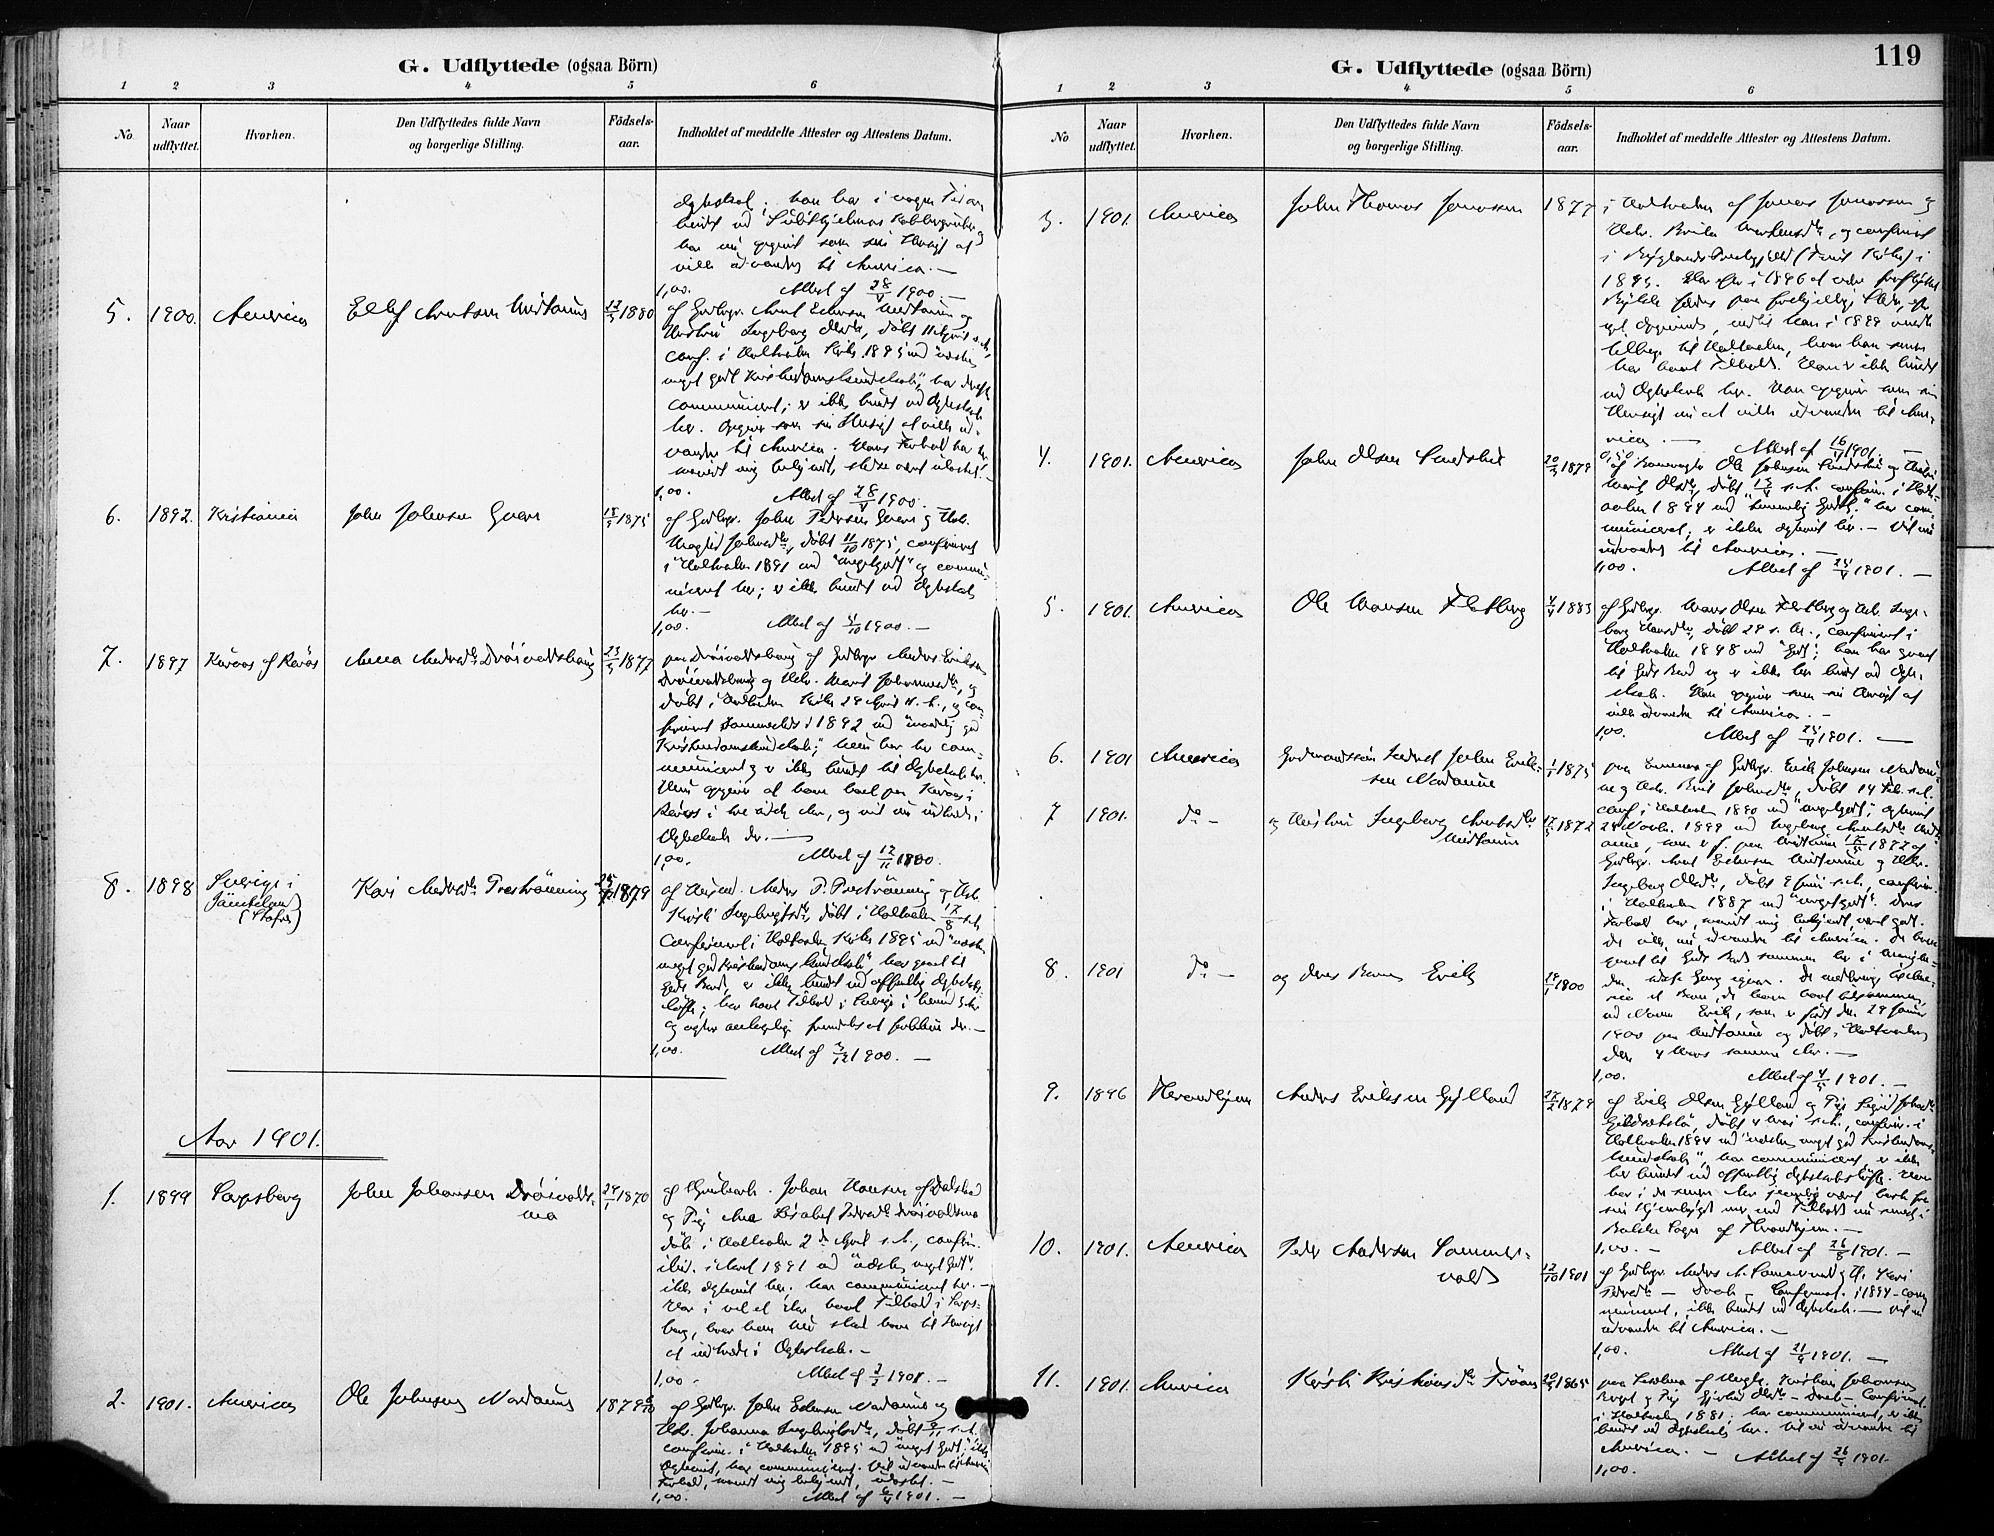 SAT, Ministerialprotokoller, klokkerbøker og fødselsregistre - Sør-Trøndelag, 685/L0973: Ministerialbok nr. 685A10, 1891-1907, s. 119